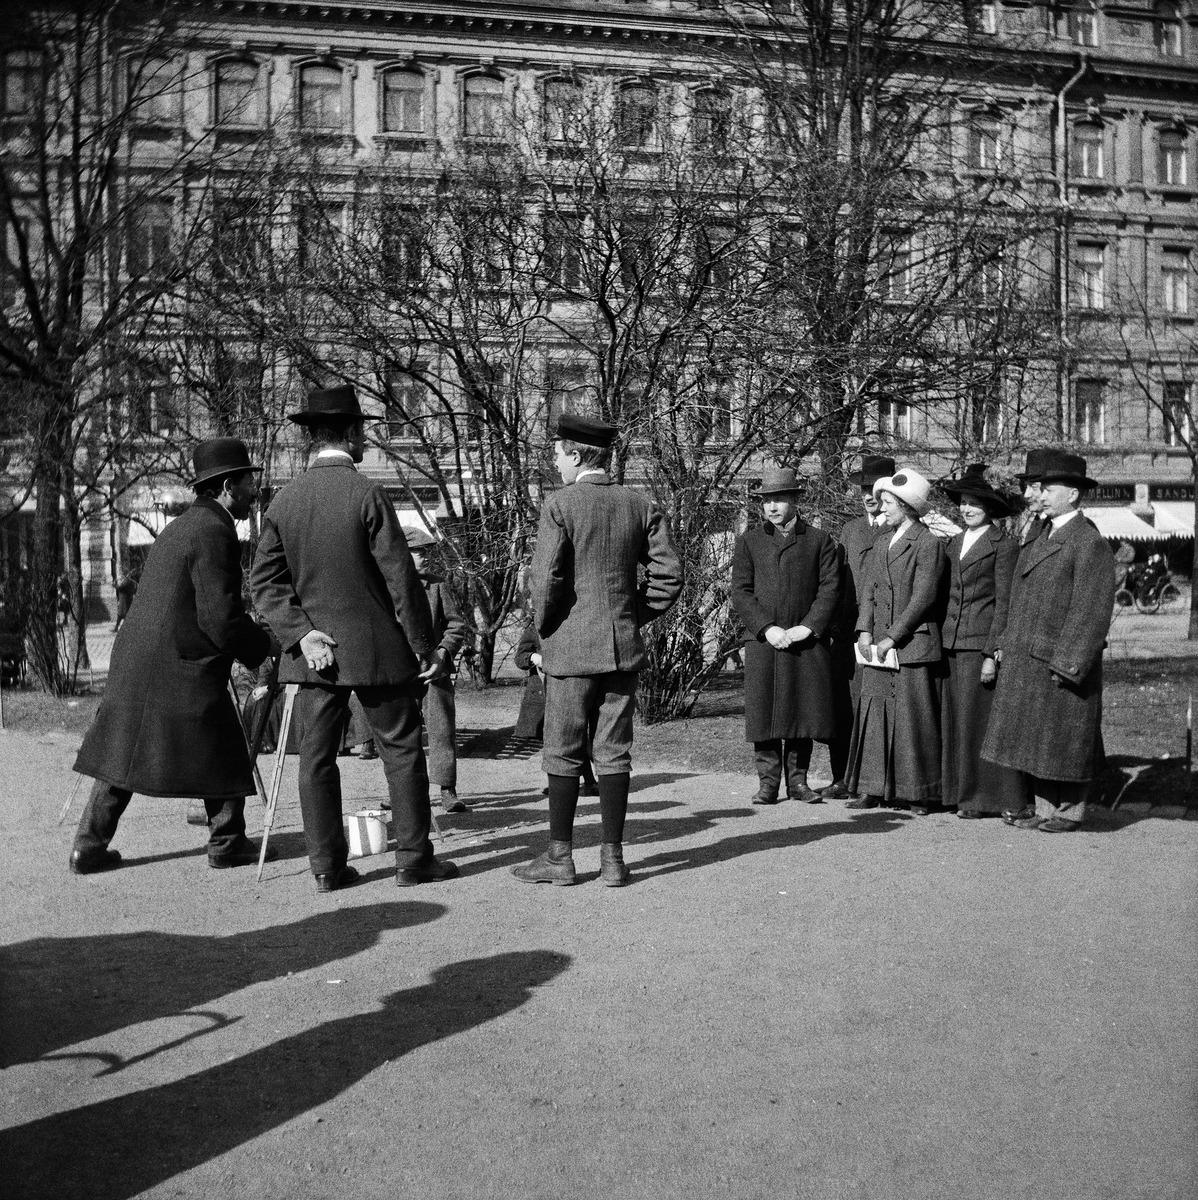 Valokuvausta Esplanadin puistossa 1910-luvulla